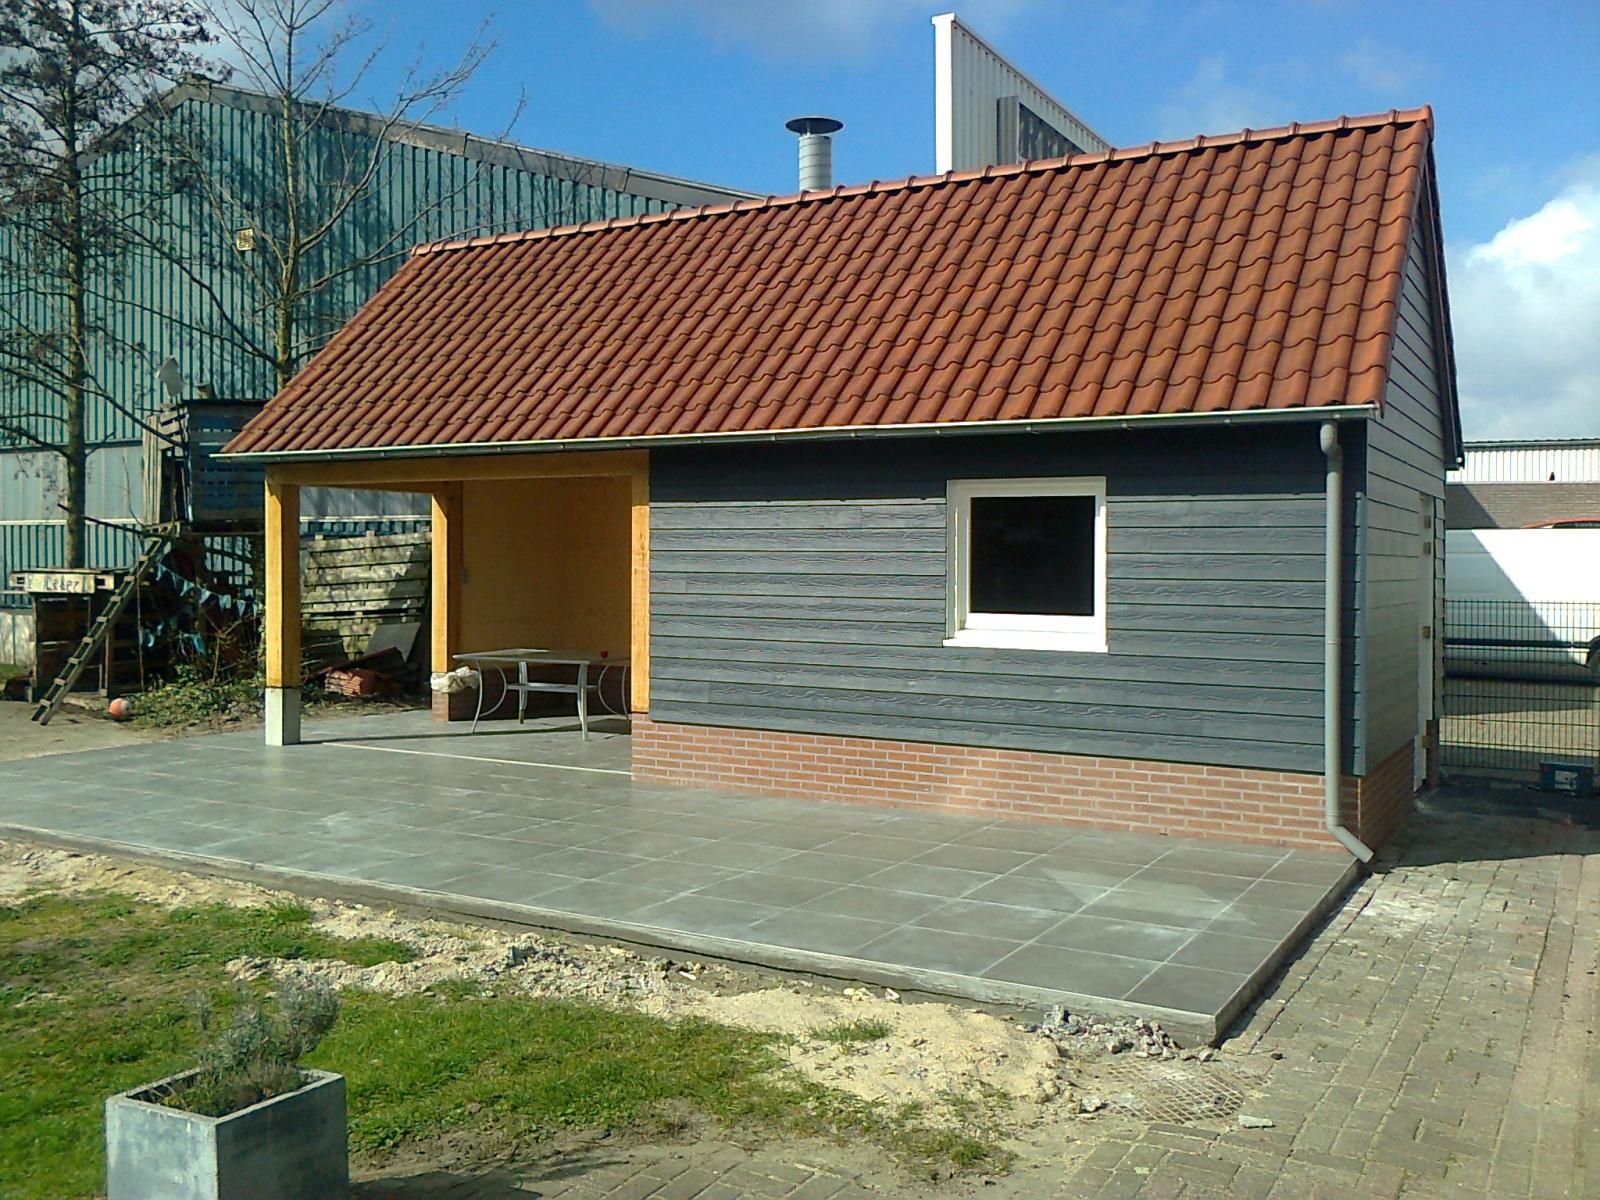 Home projecten tuinhuis met overdekt terras sonke bouwbedrijf for Overdekt terras model